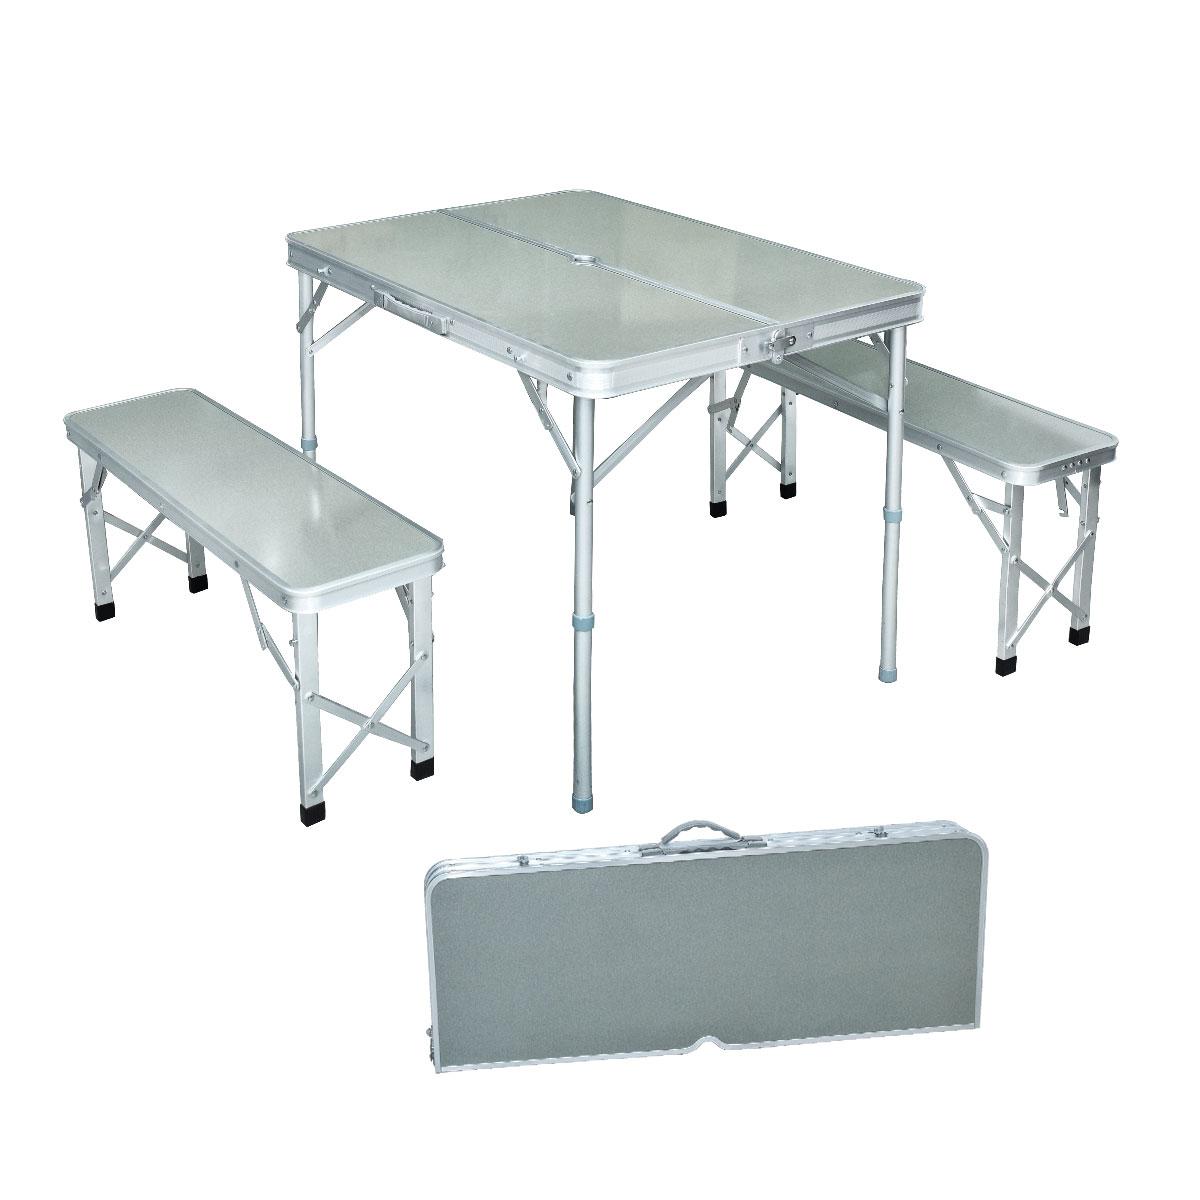 طاولة نزهات وتخييم المنيوم قابلة للطي مع كراسي - موديل 8829